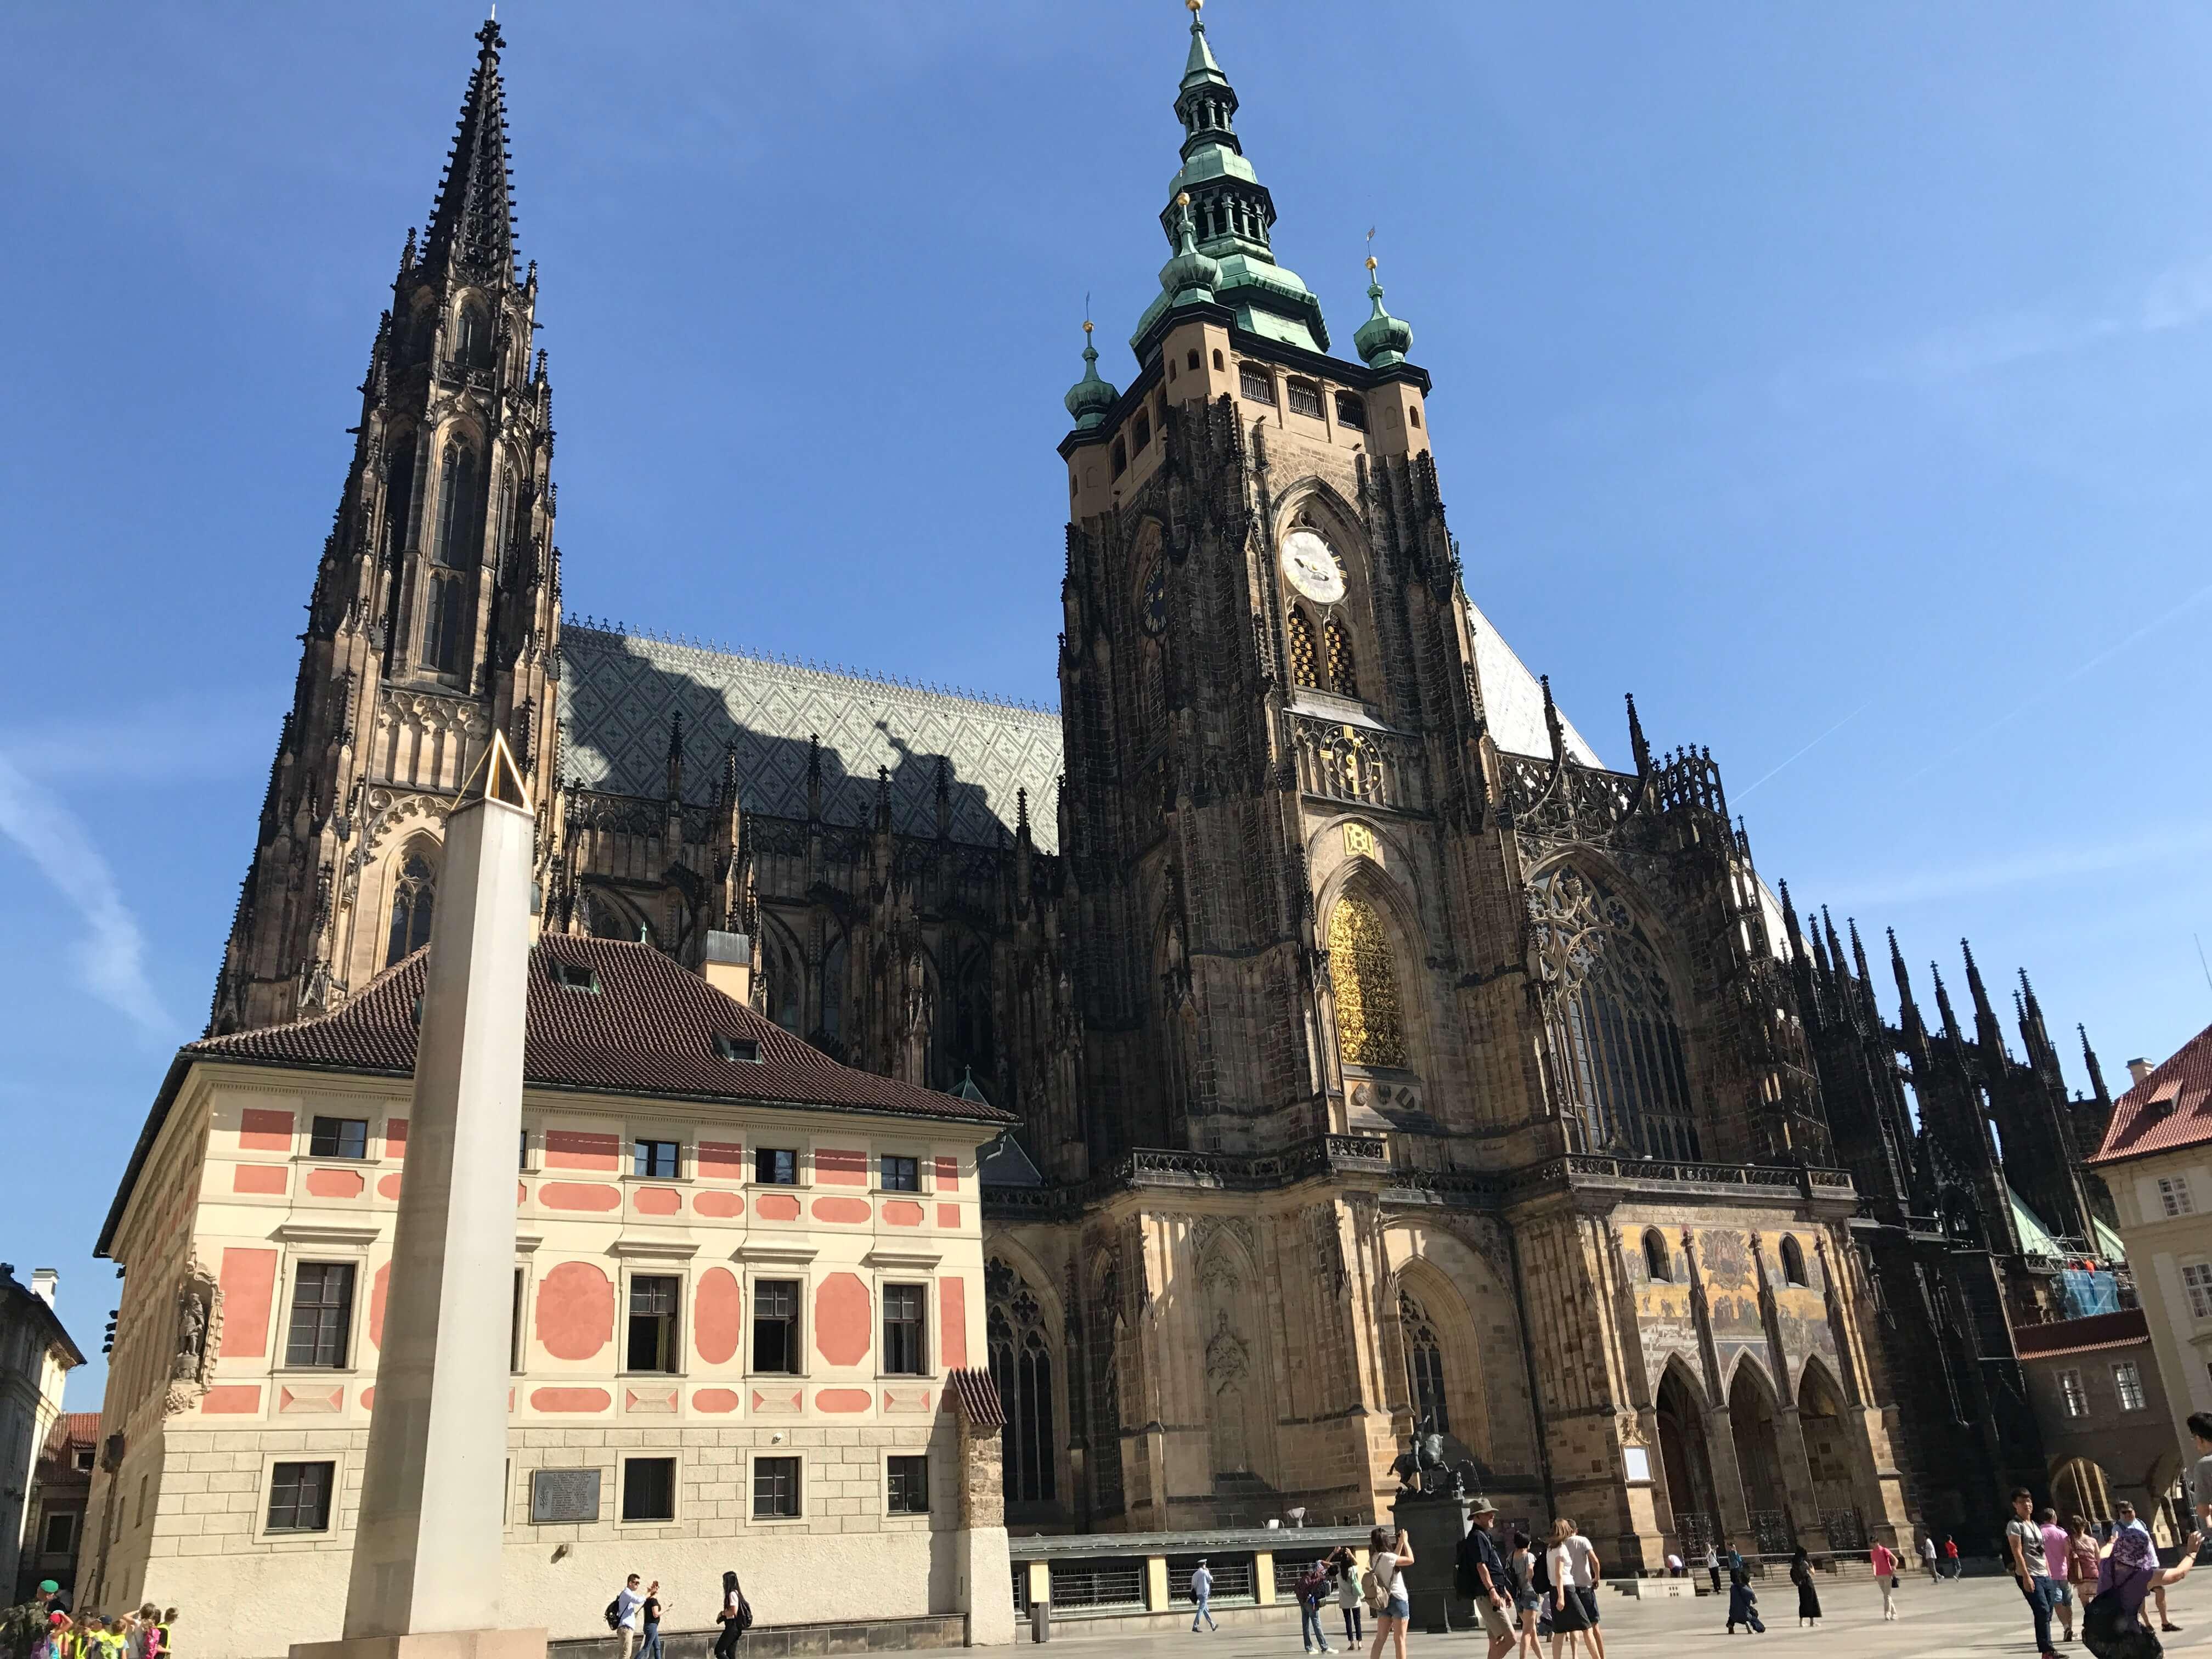 聖維特教堂高聳的尖塔成為布拉格的地標。Photographer / Penny